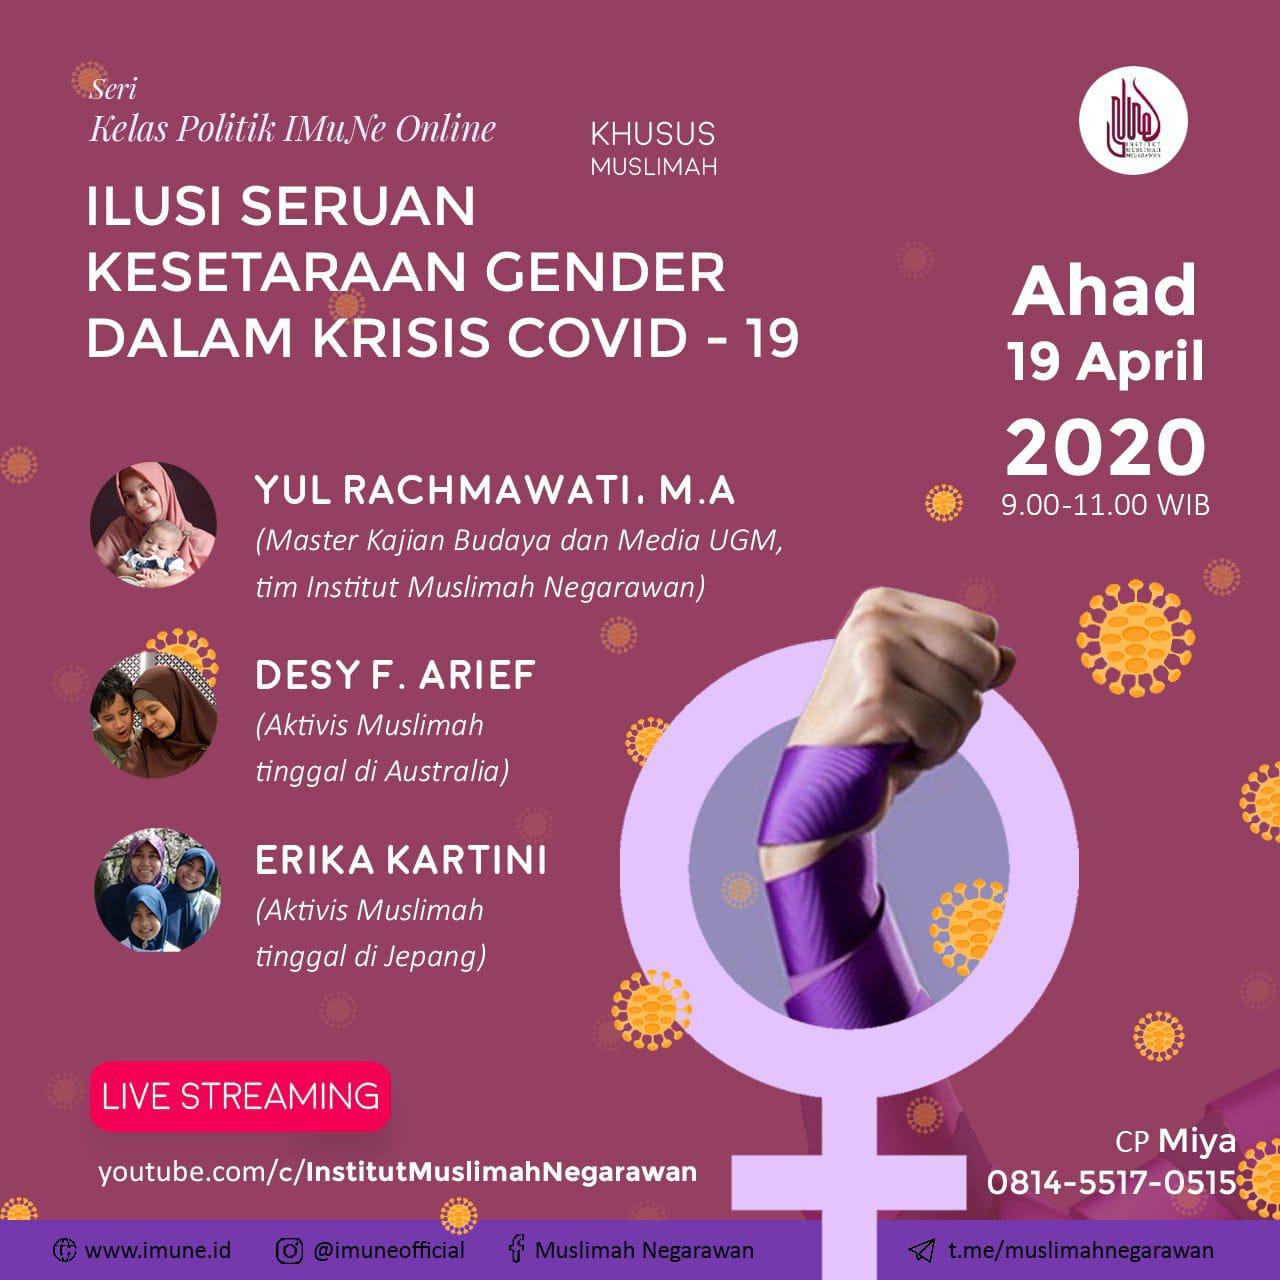 Seri Kelas Politik Muslimah (Online): Ilusi Seruan Kesetaraan Gender dalam Krisis Covid 19